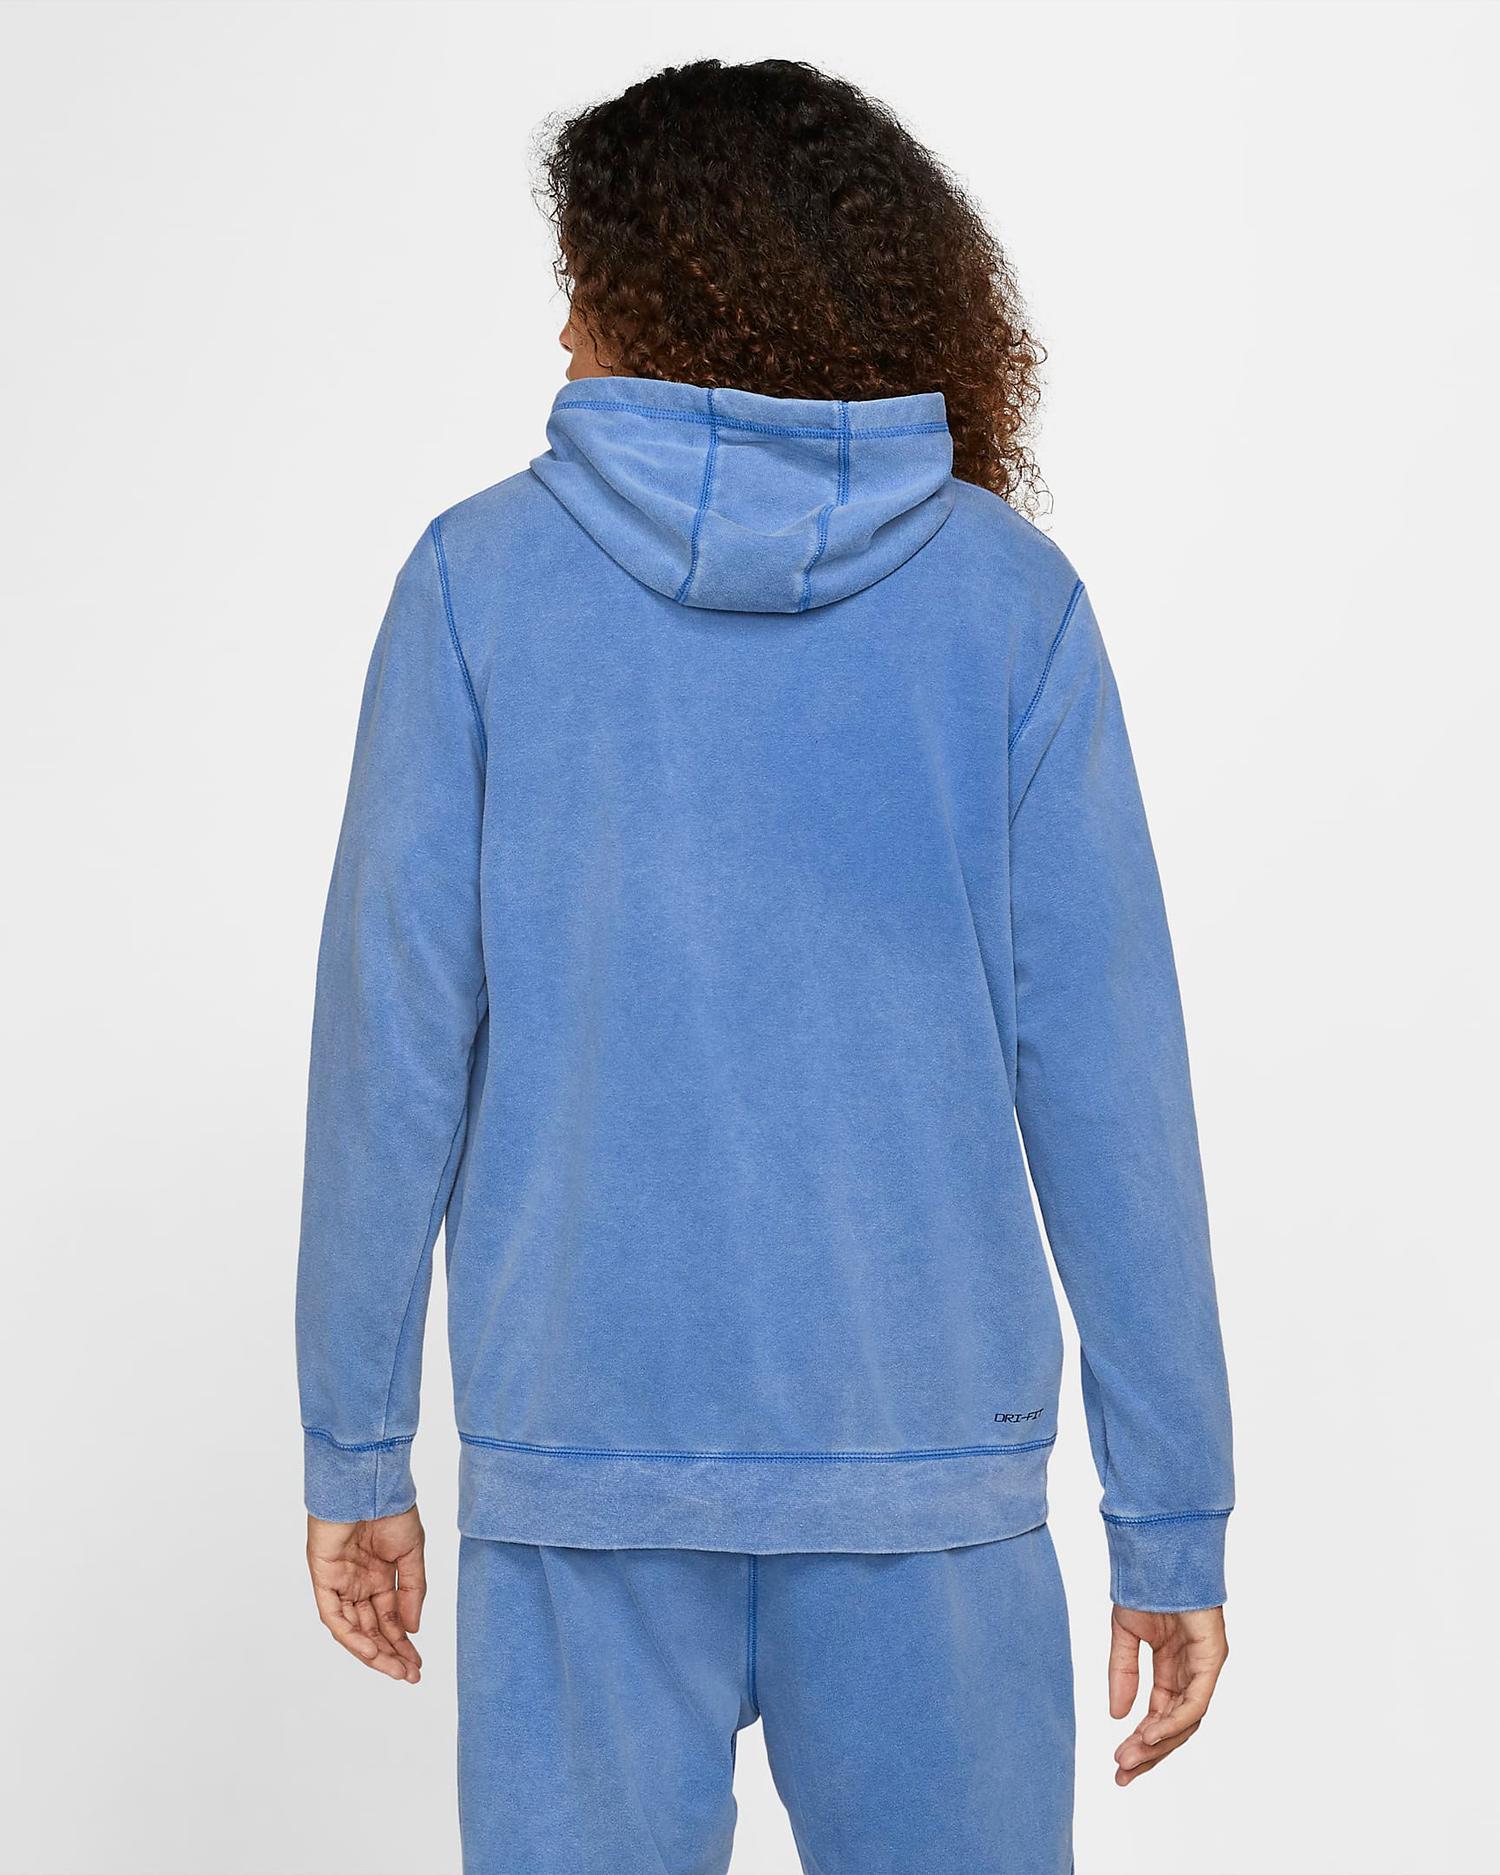 jordan-hyper-royal-dri-fit-air-hoodie-2